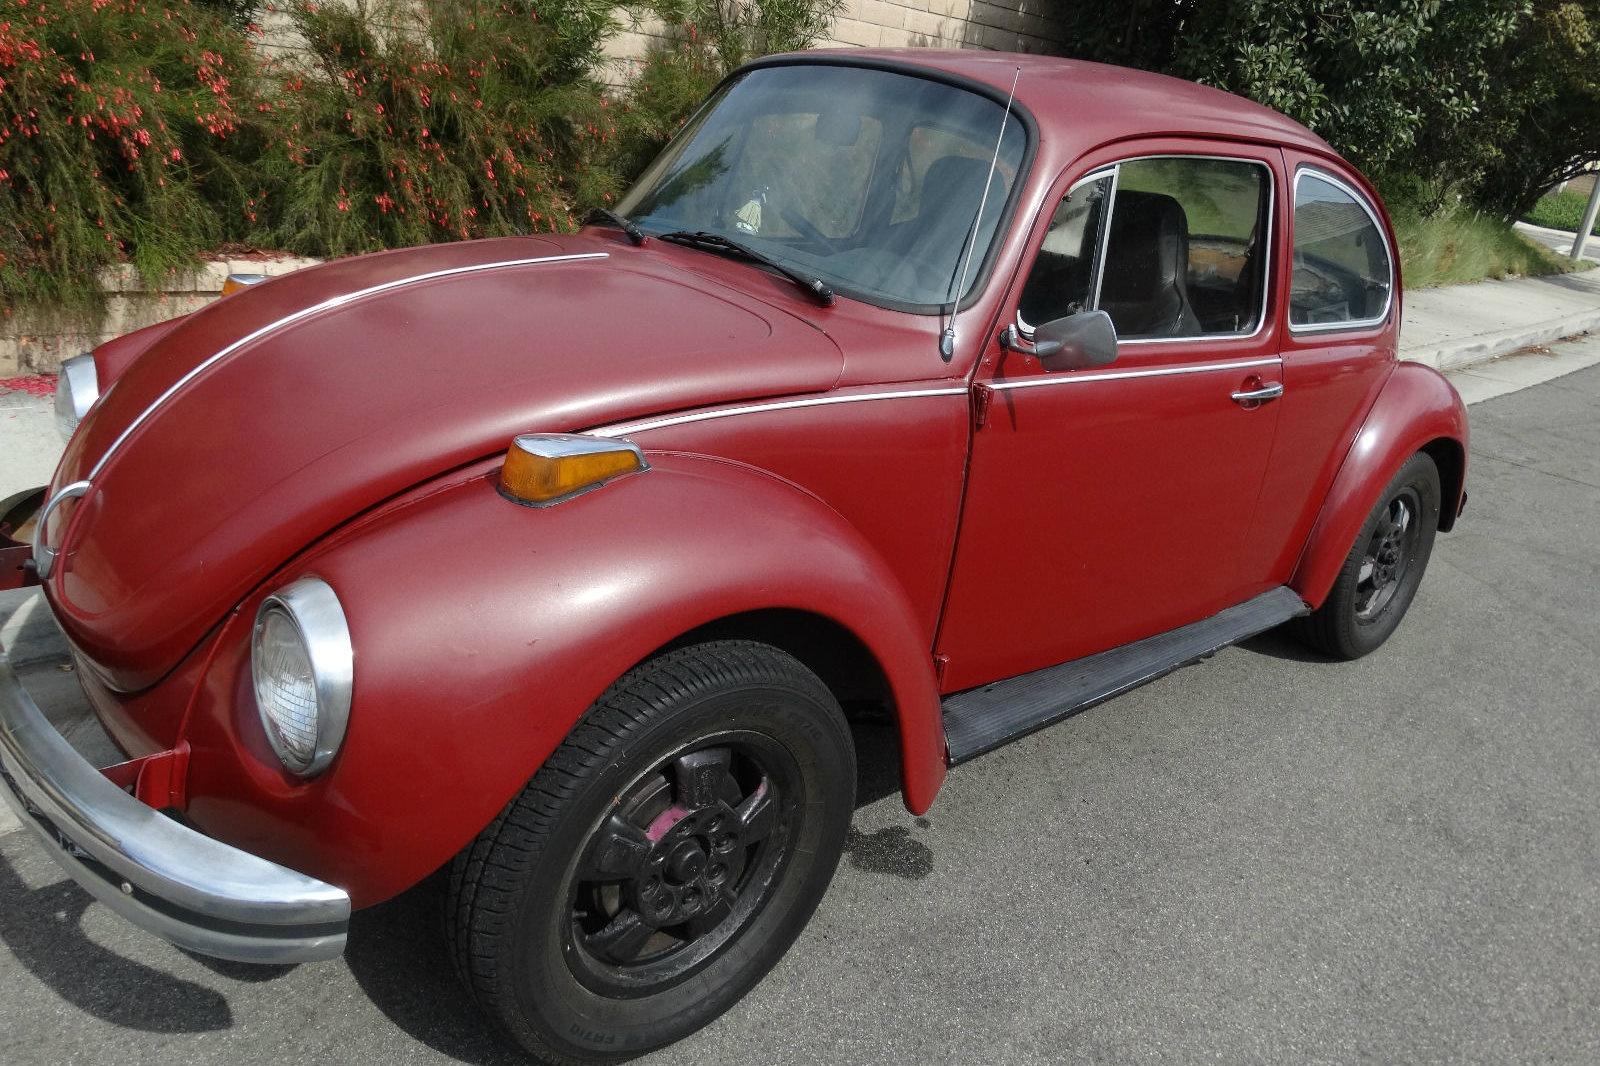 Cheap Classic: 1973 Volkswagen Beetle